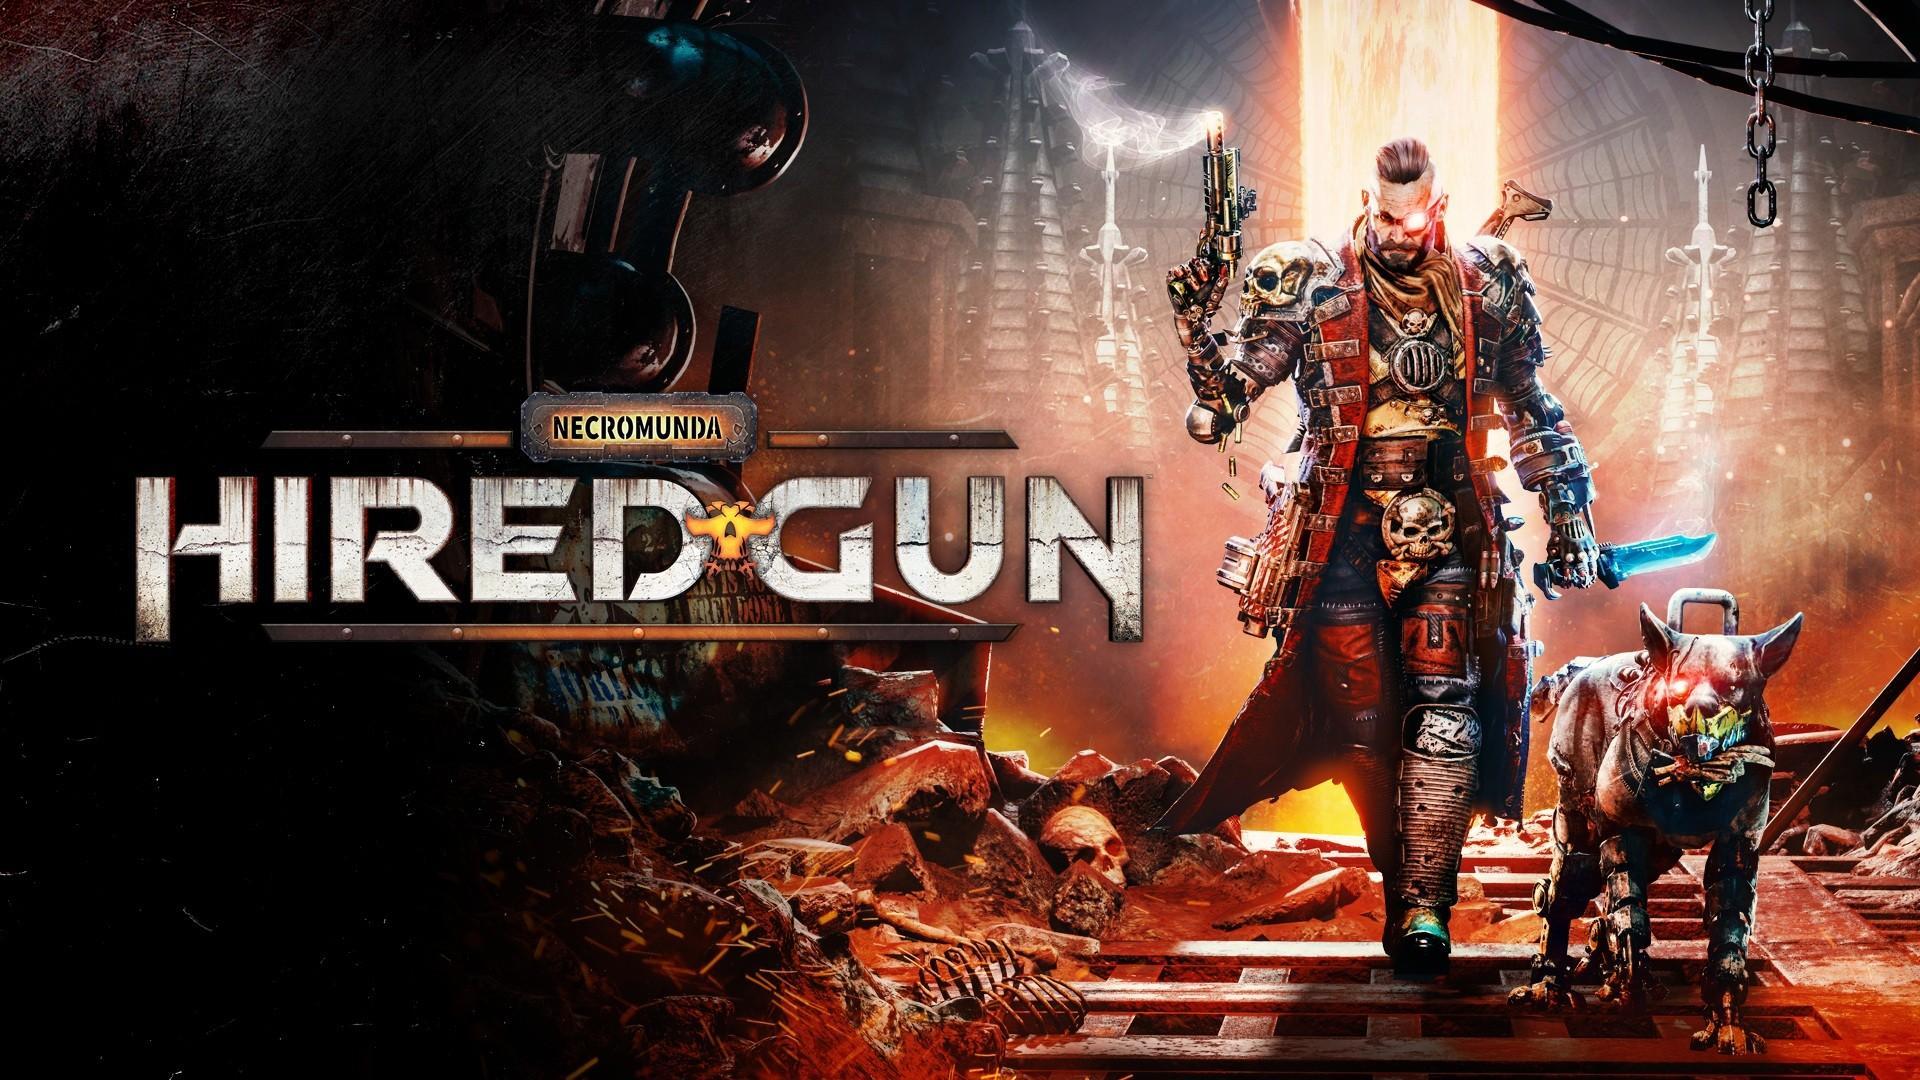 Какой милашка - издатель Necromunda: Hired Gun поделился новым трейлером игры 2